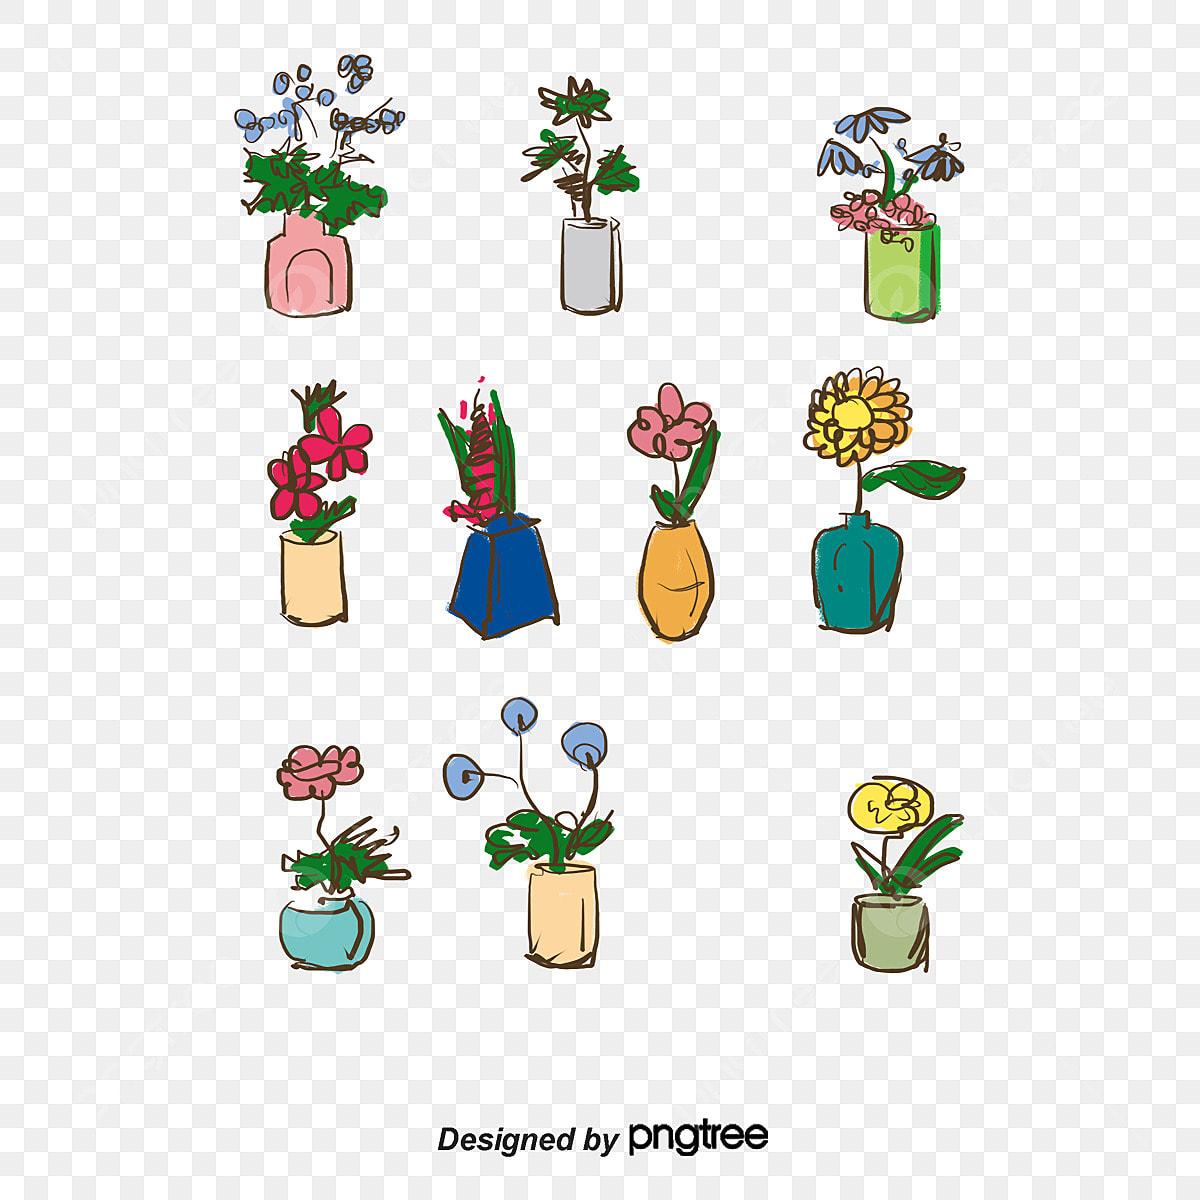 12 Vases Of Flowers Vector, Flower Vase Vector, Vase Of ... on books vector, basket vector, art vector, box vector, decor vector, candle vector, animals vector, roses vector, floral vector, pottery vector, mirror vector, beer mug vector, teapot vector,